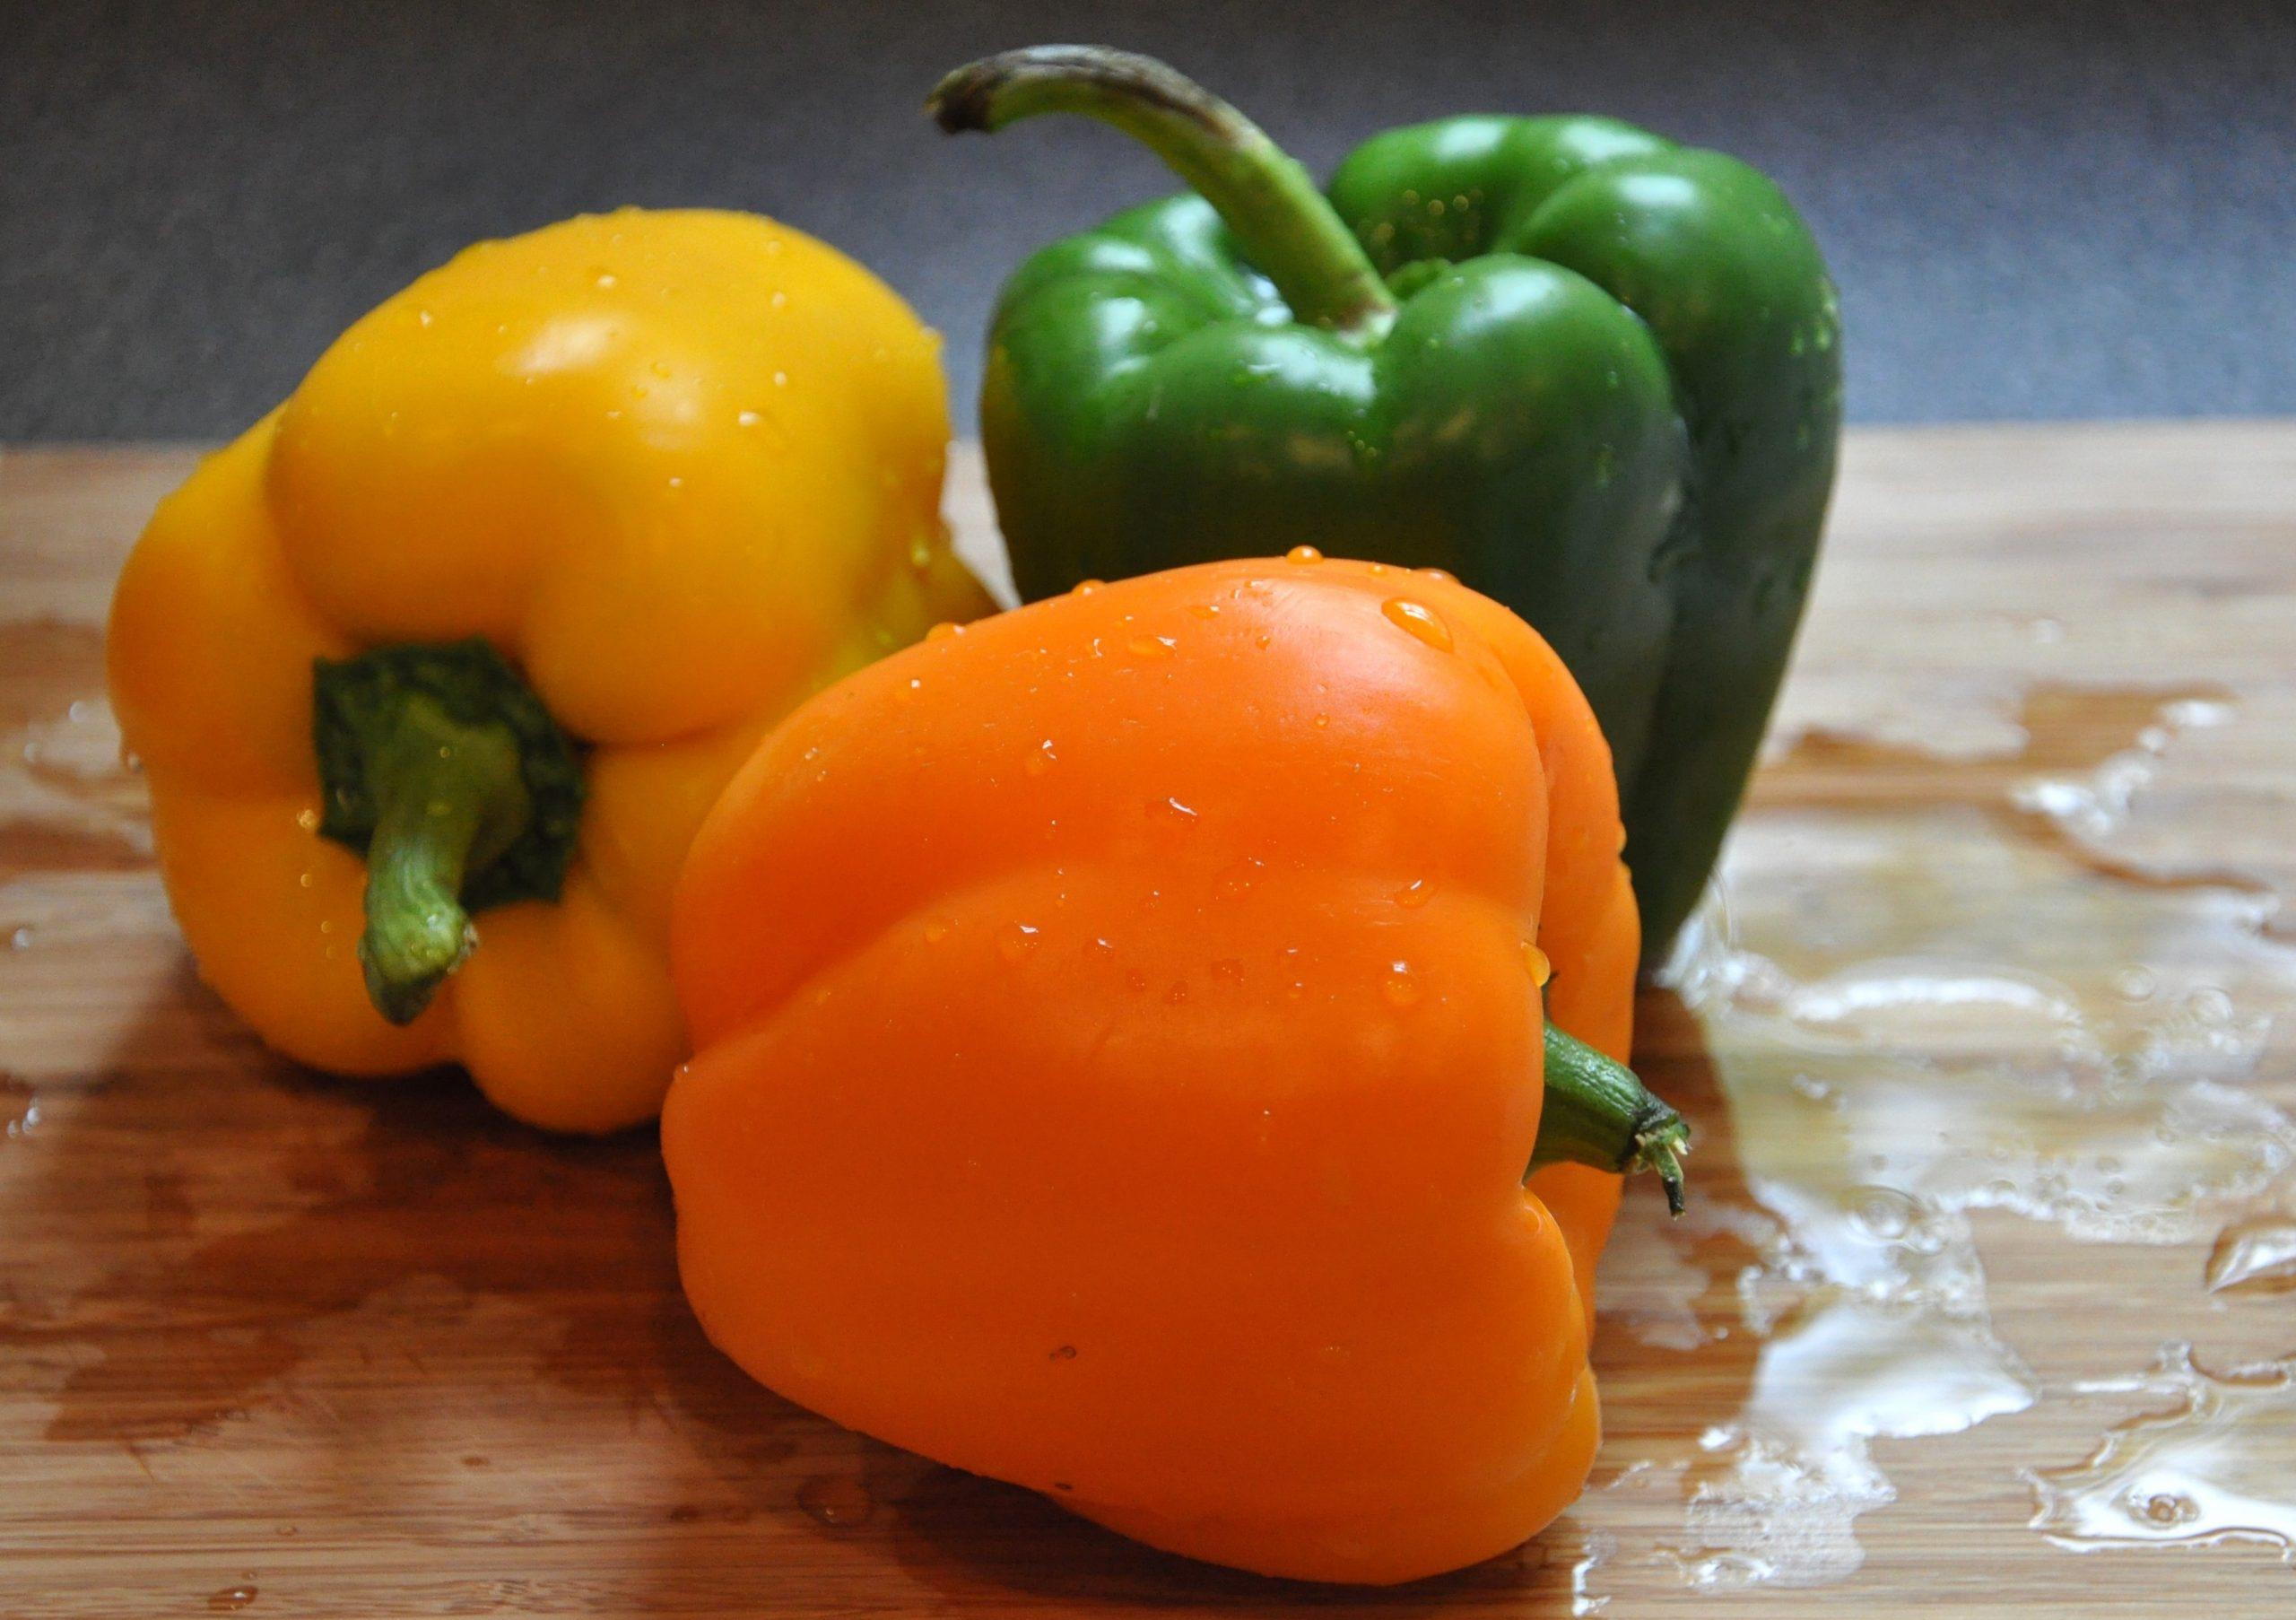 vermiculite or perlite for pepper plants soil